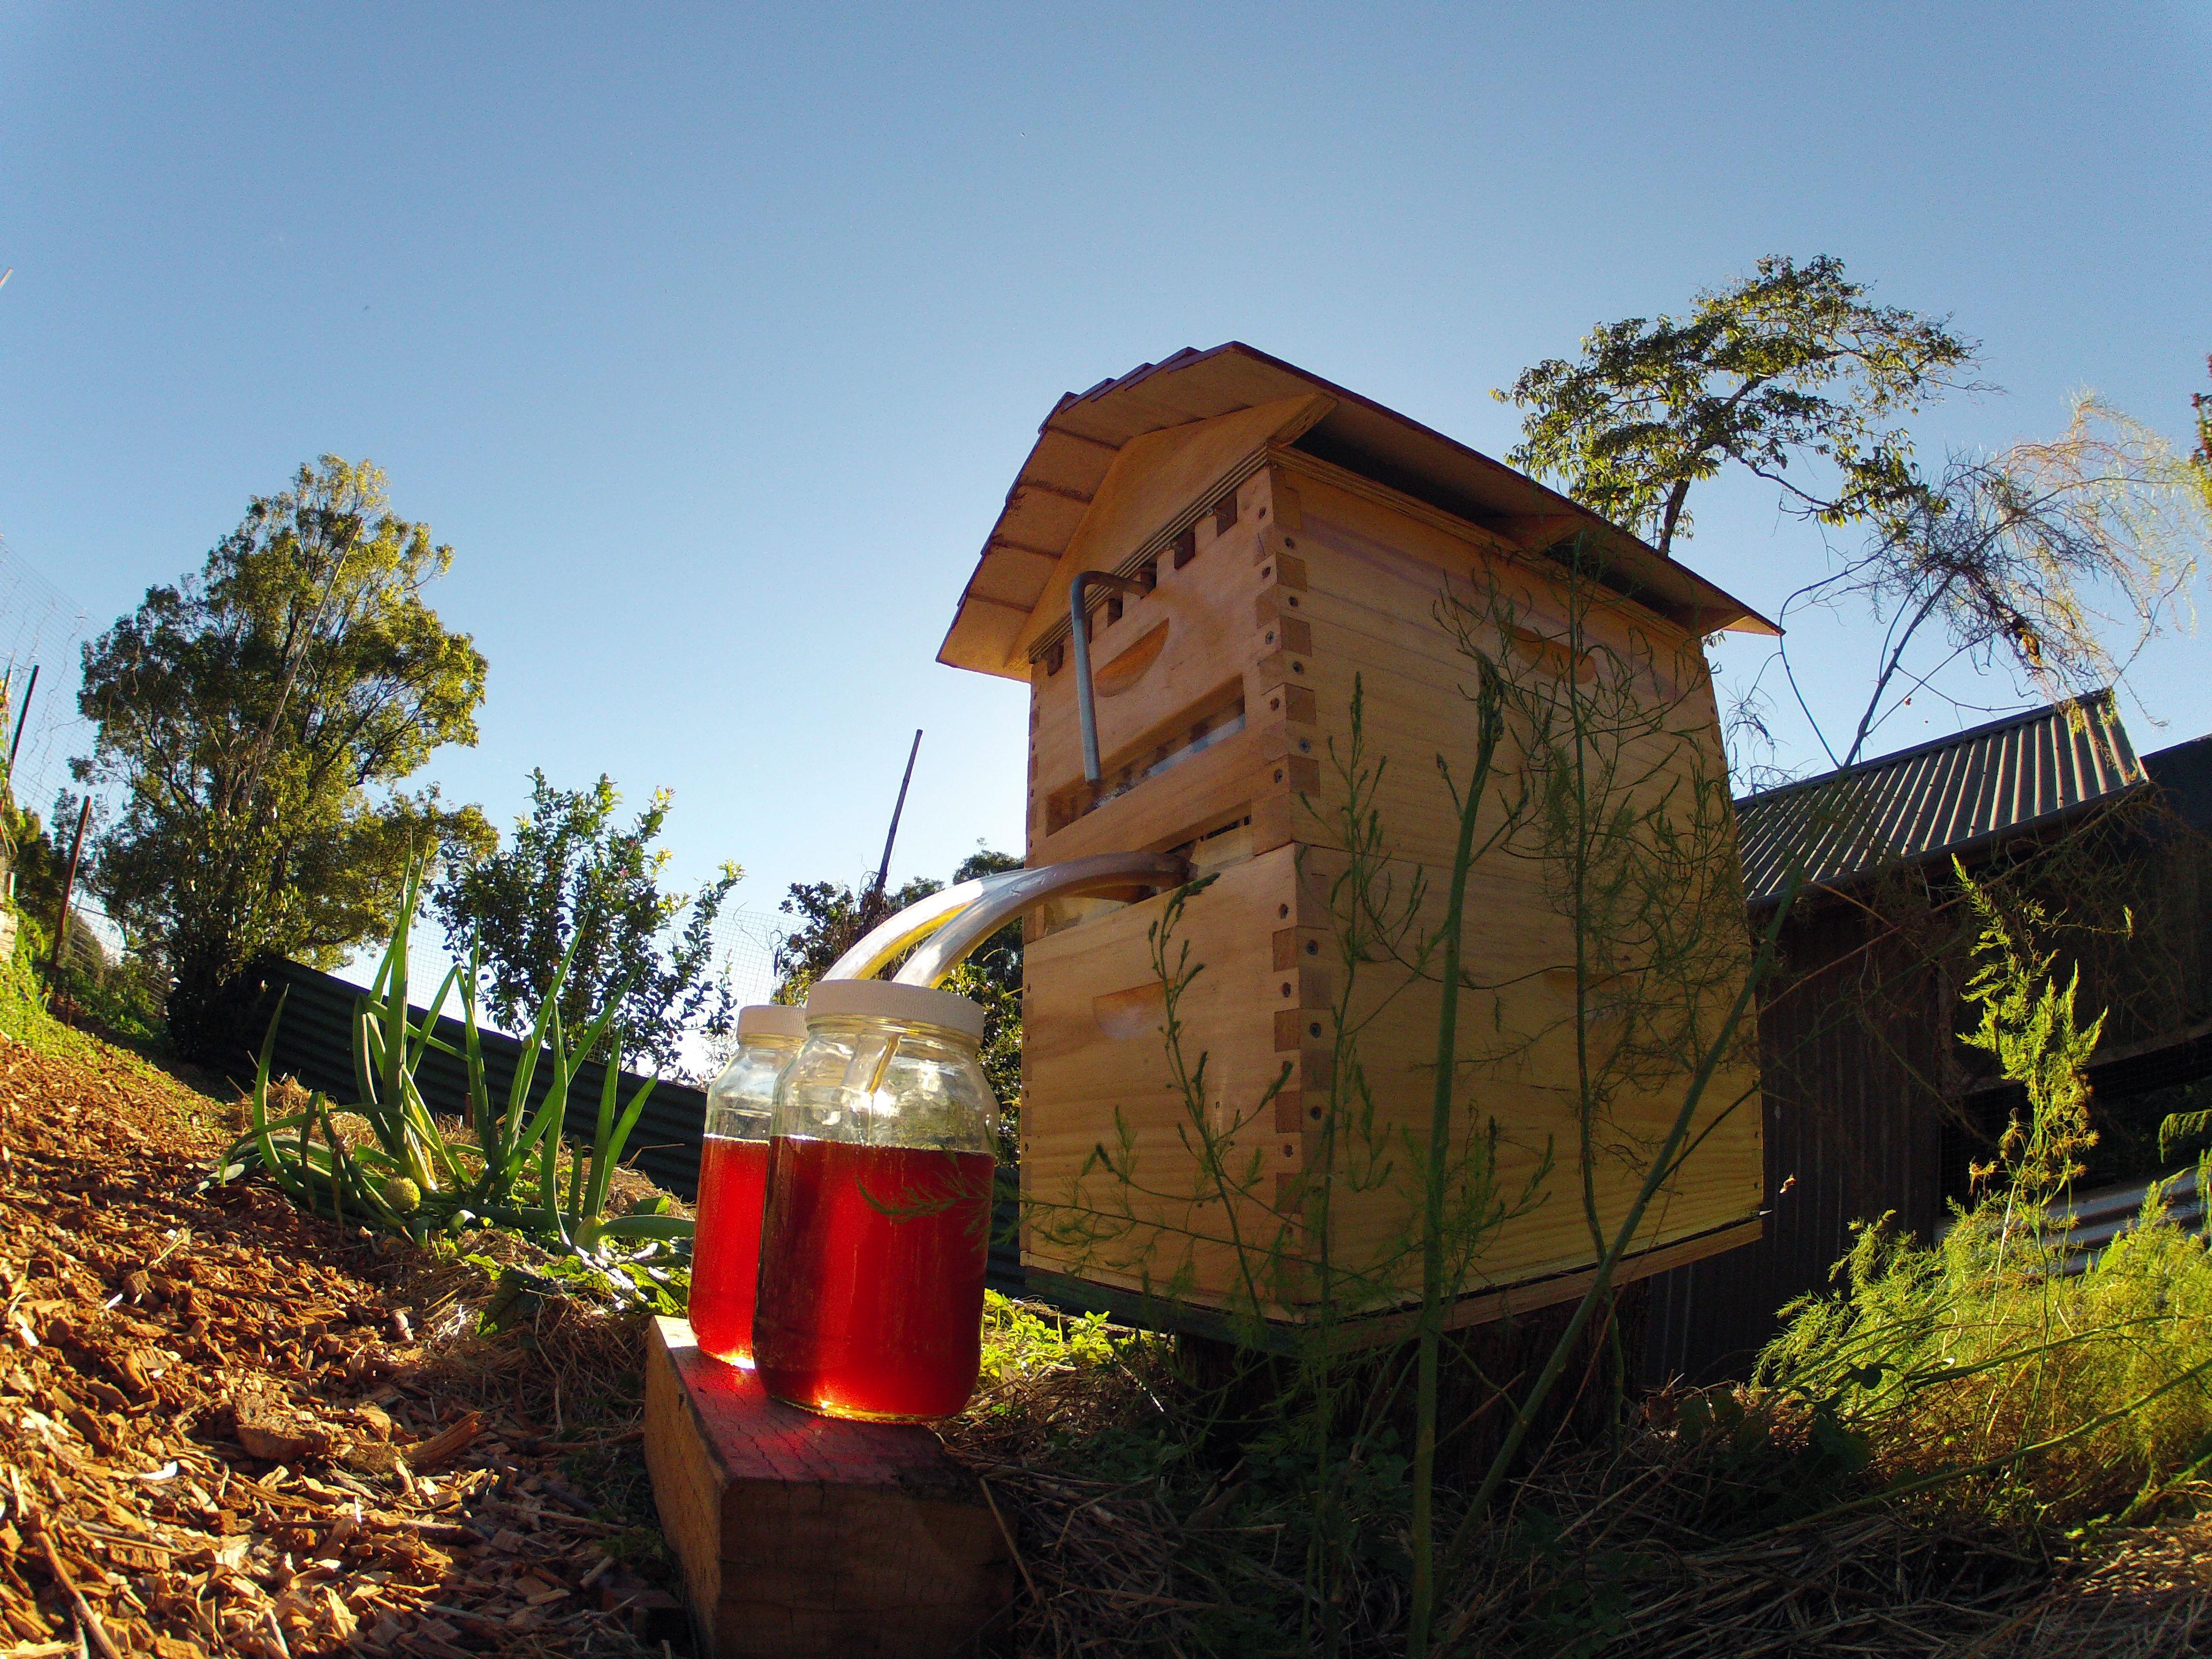 Конструкция улья нового типа позволяет забирать  мёд, не травмируя пчёл.